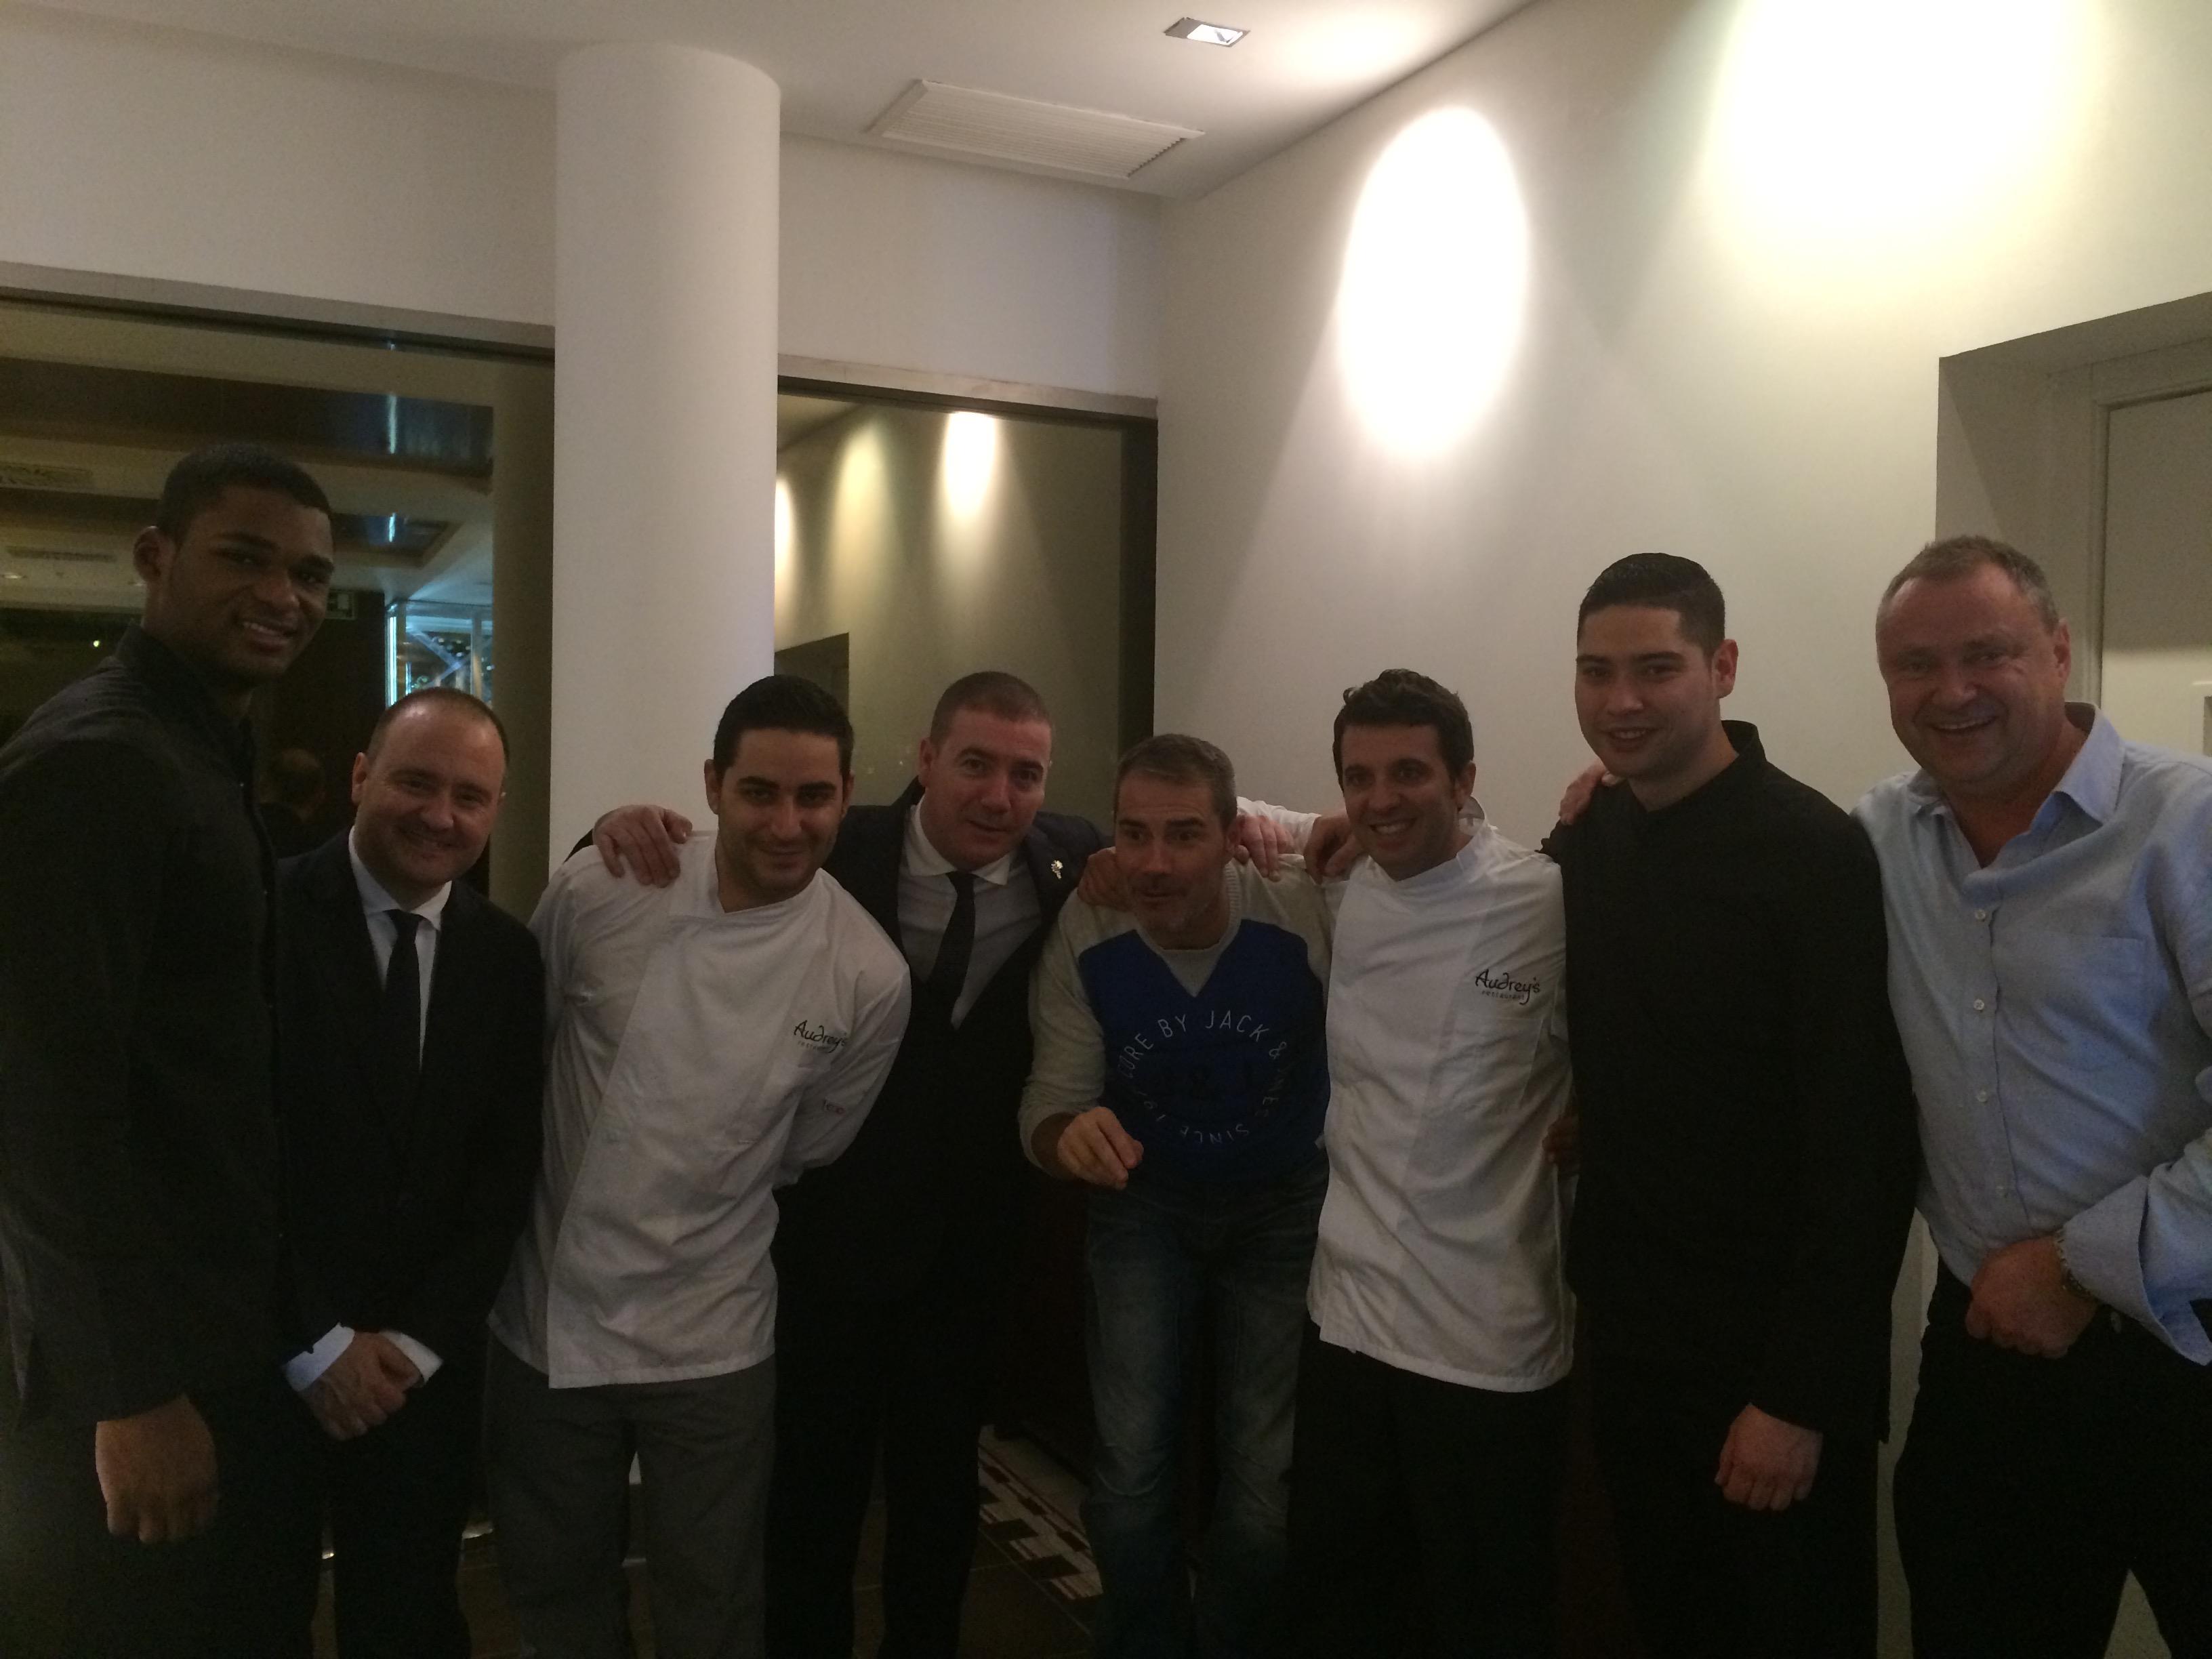 Essen wie Gott in Spanien… 6 Überraschungen in nur 10 Minuten im Restaurant Audrey´s in Calpe (Costa Blanca), Mario Schumacher Blog